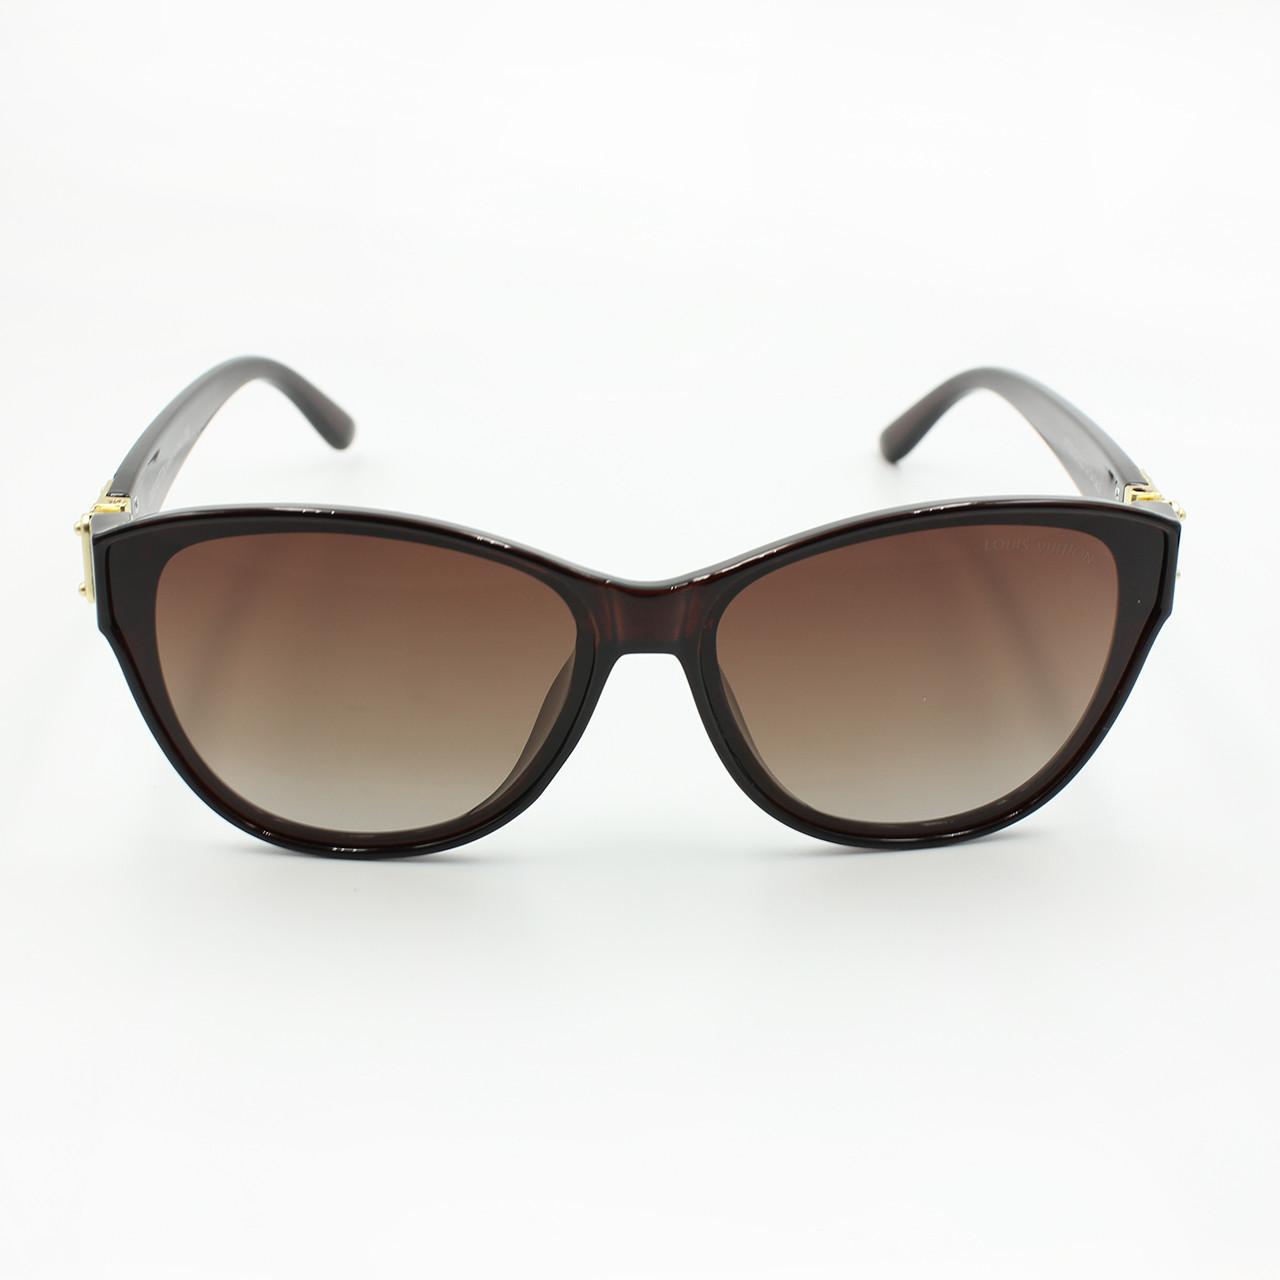 Коричневі жіночі сонцезахисні окуляри з поляризацією Louis Vuitton